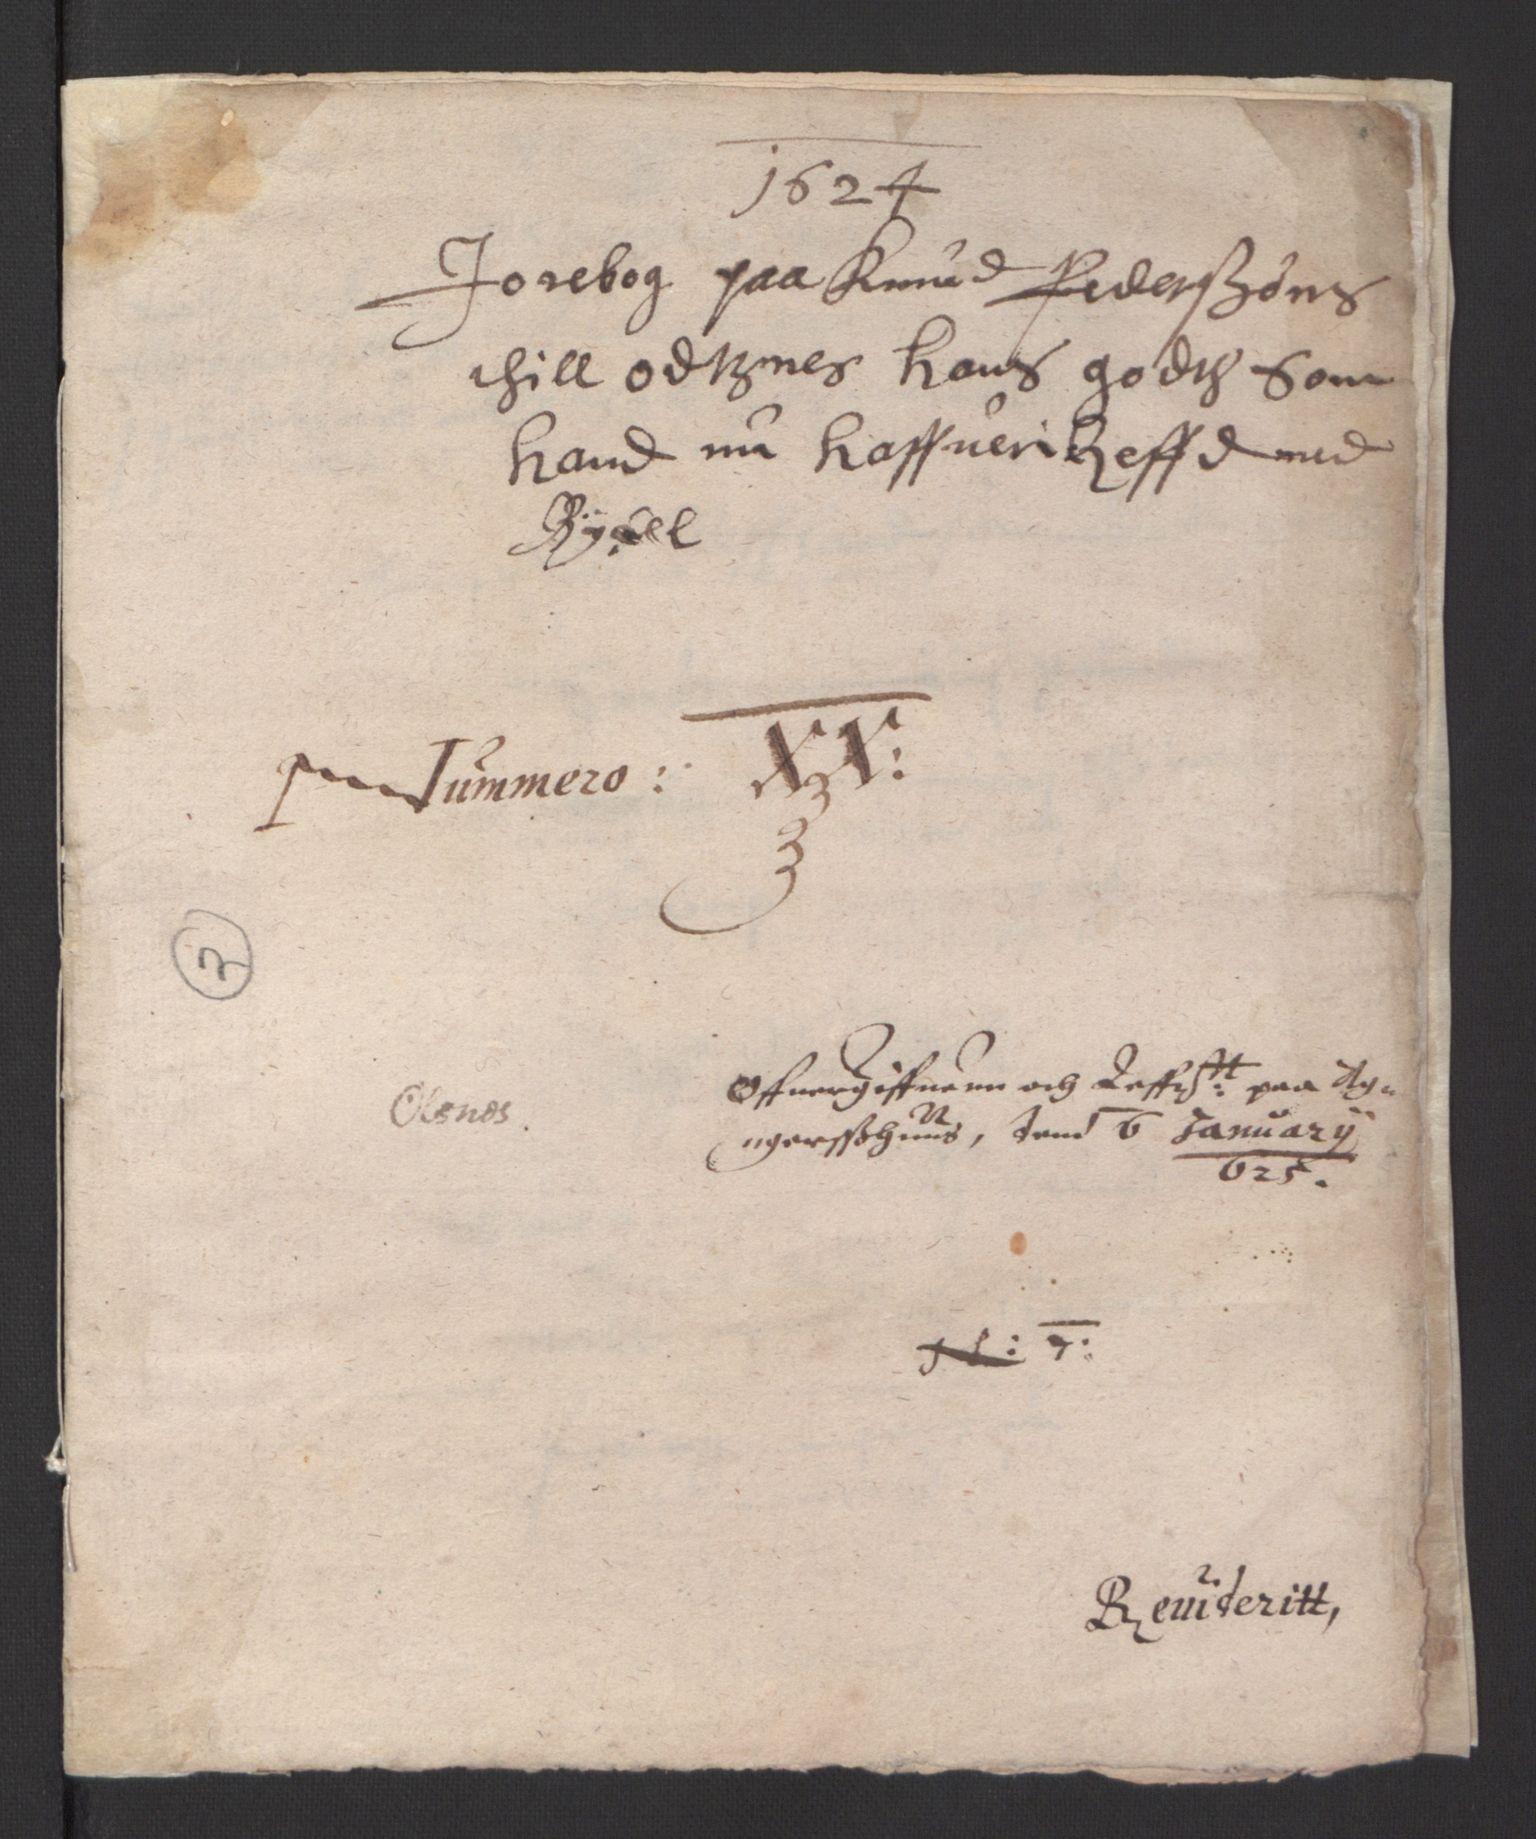 RA, Stattholderembetet 1572-1771, Ek/L0007: Jordebøker til utlikning av rosstjeneste 1624-1626:, 1624-1625, s. 486